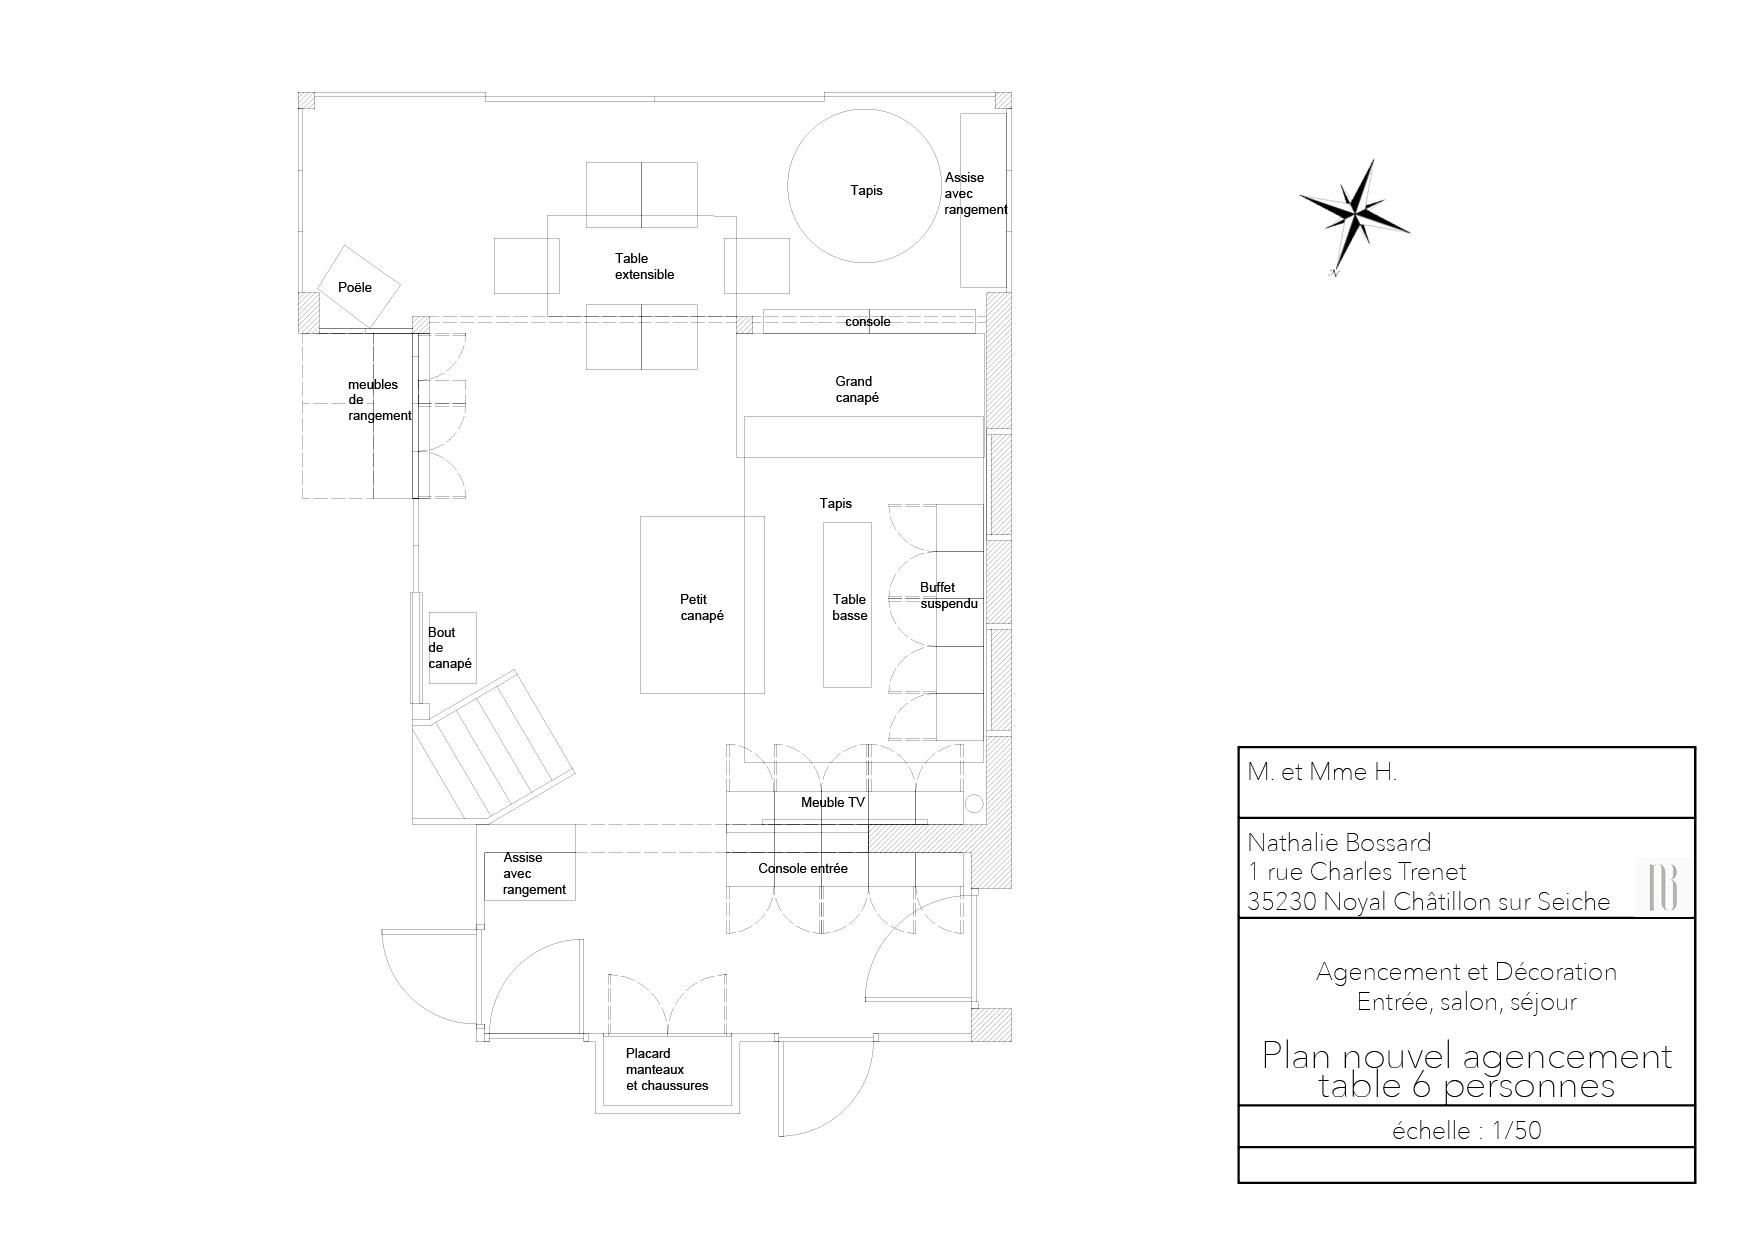 Nathalie Bossard décoration architecture intérieur Rennes 35 UFDI-390 Book déco maison individuelle bretagne sud 2019 plan nouvel agencement